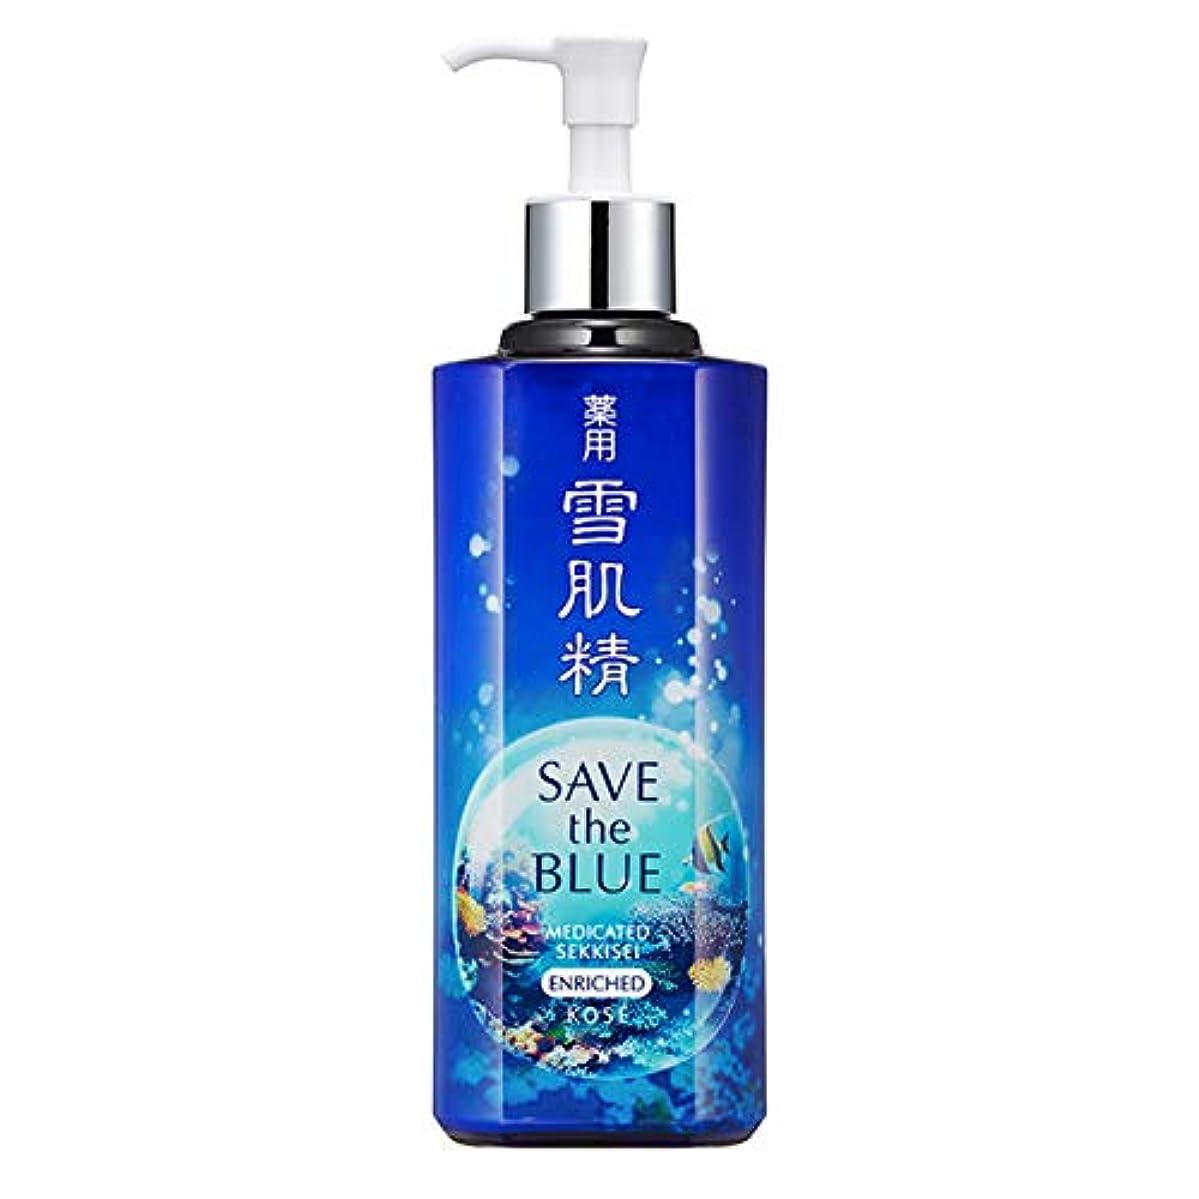 コーセー 雪肌精 エンリッチ 「SAVE the BLUE」デザインボトル(しっとりタイプ) 500ml